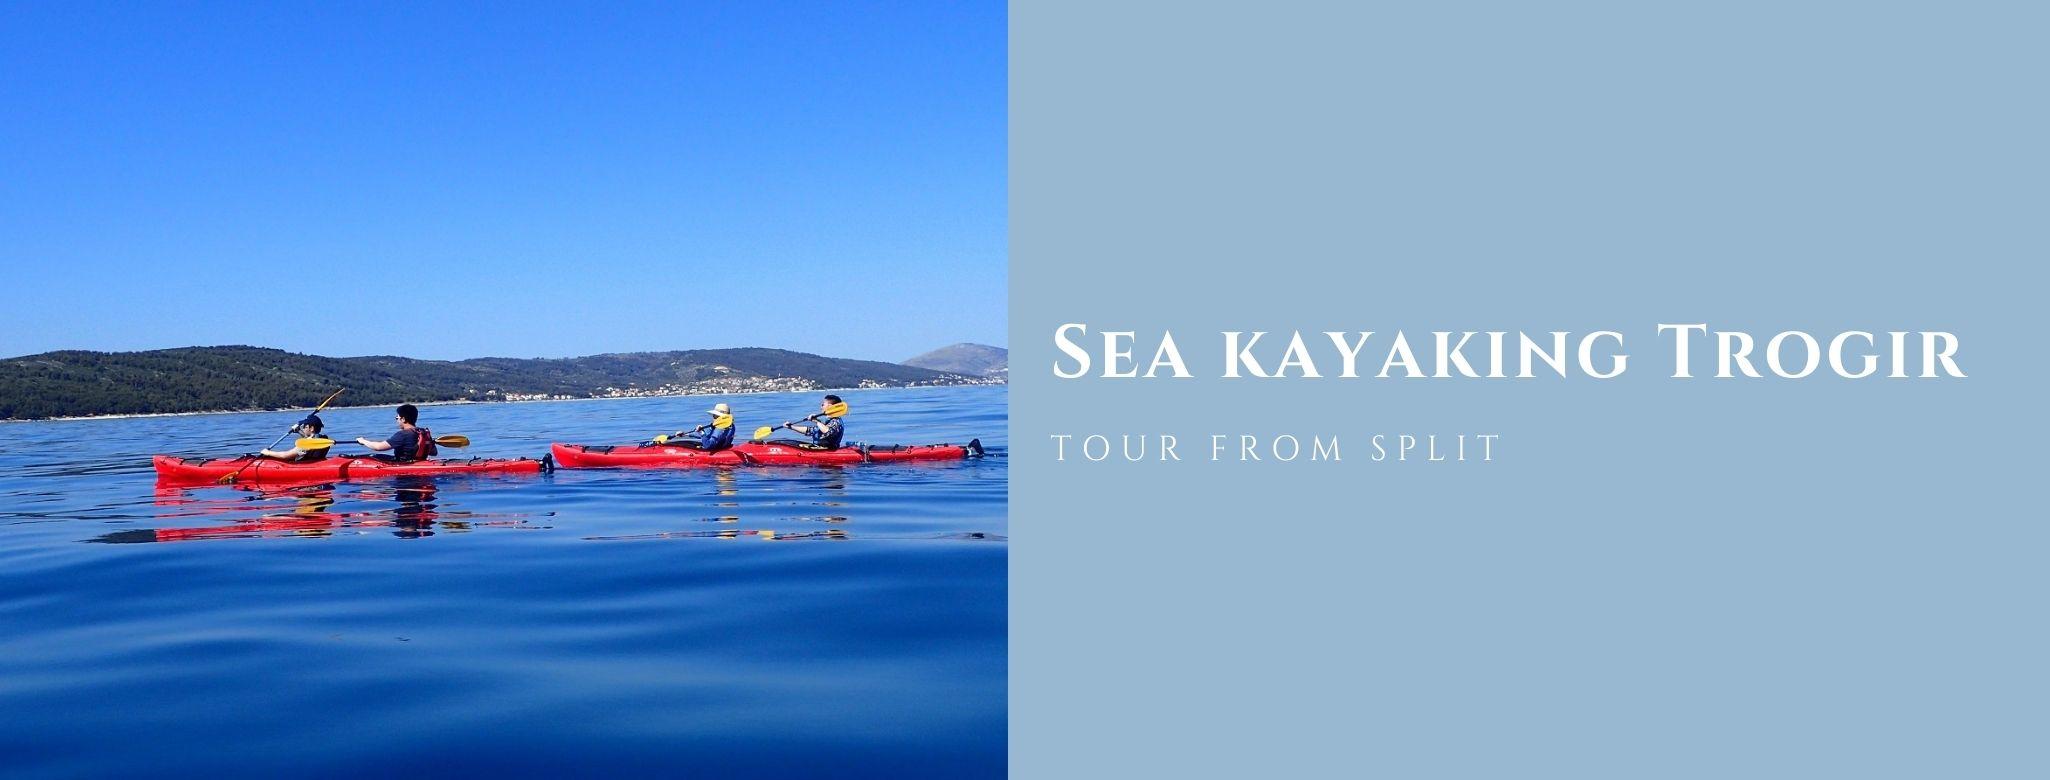 Trogir Kayaking